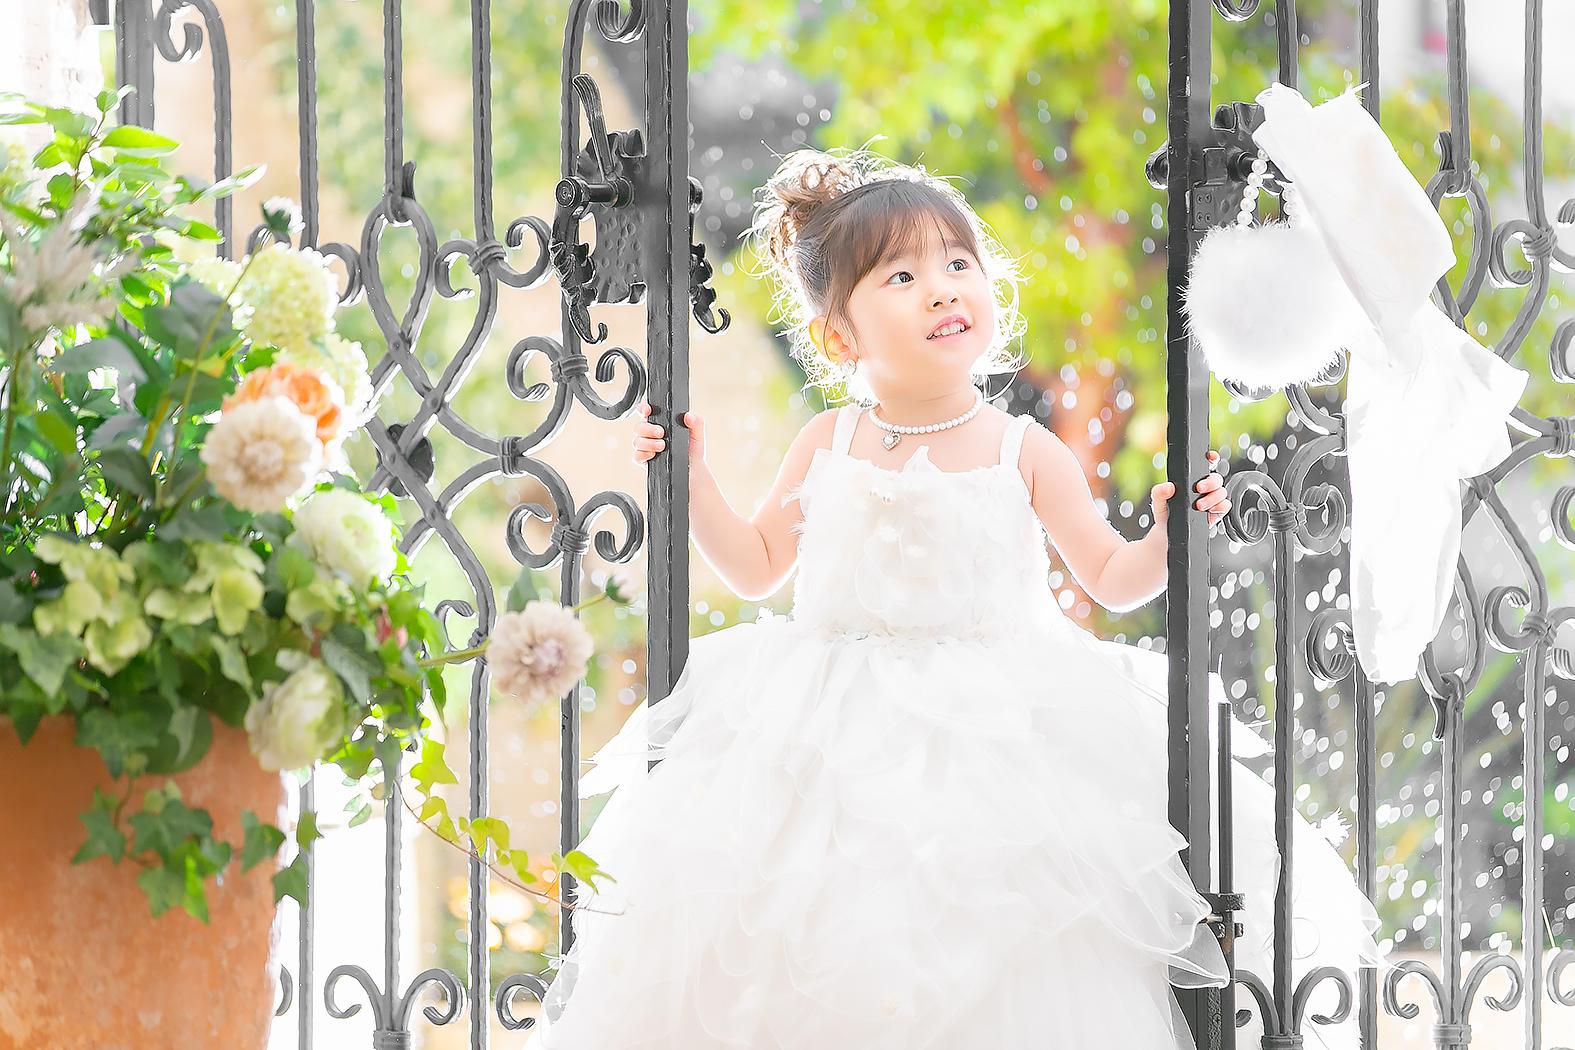 3歳,ドレス,雨,可愛い